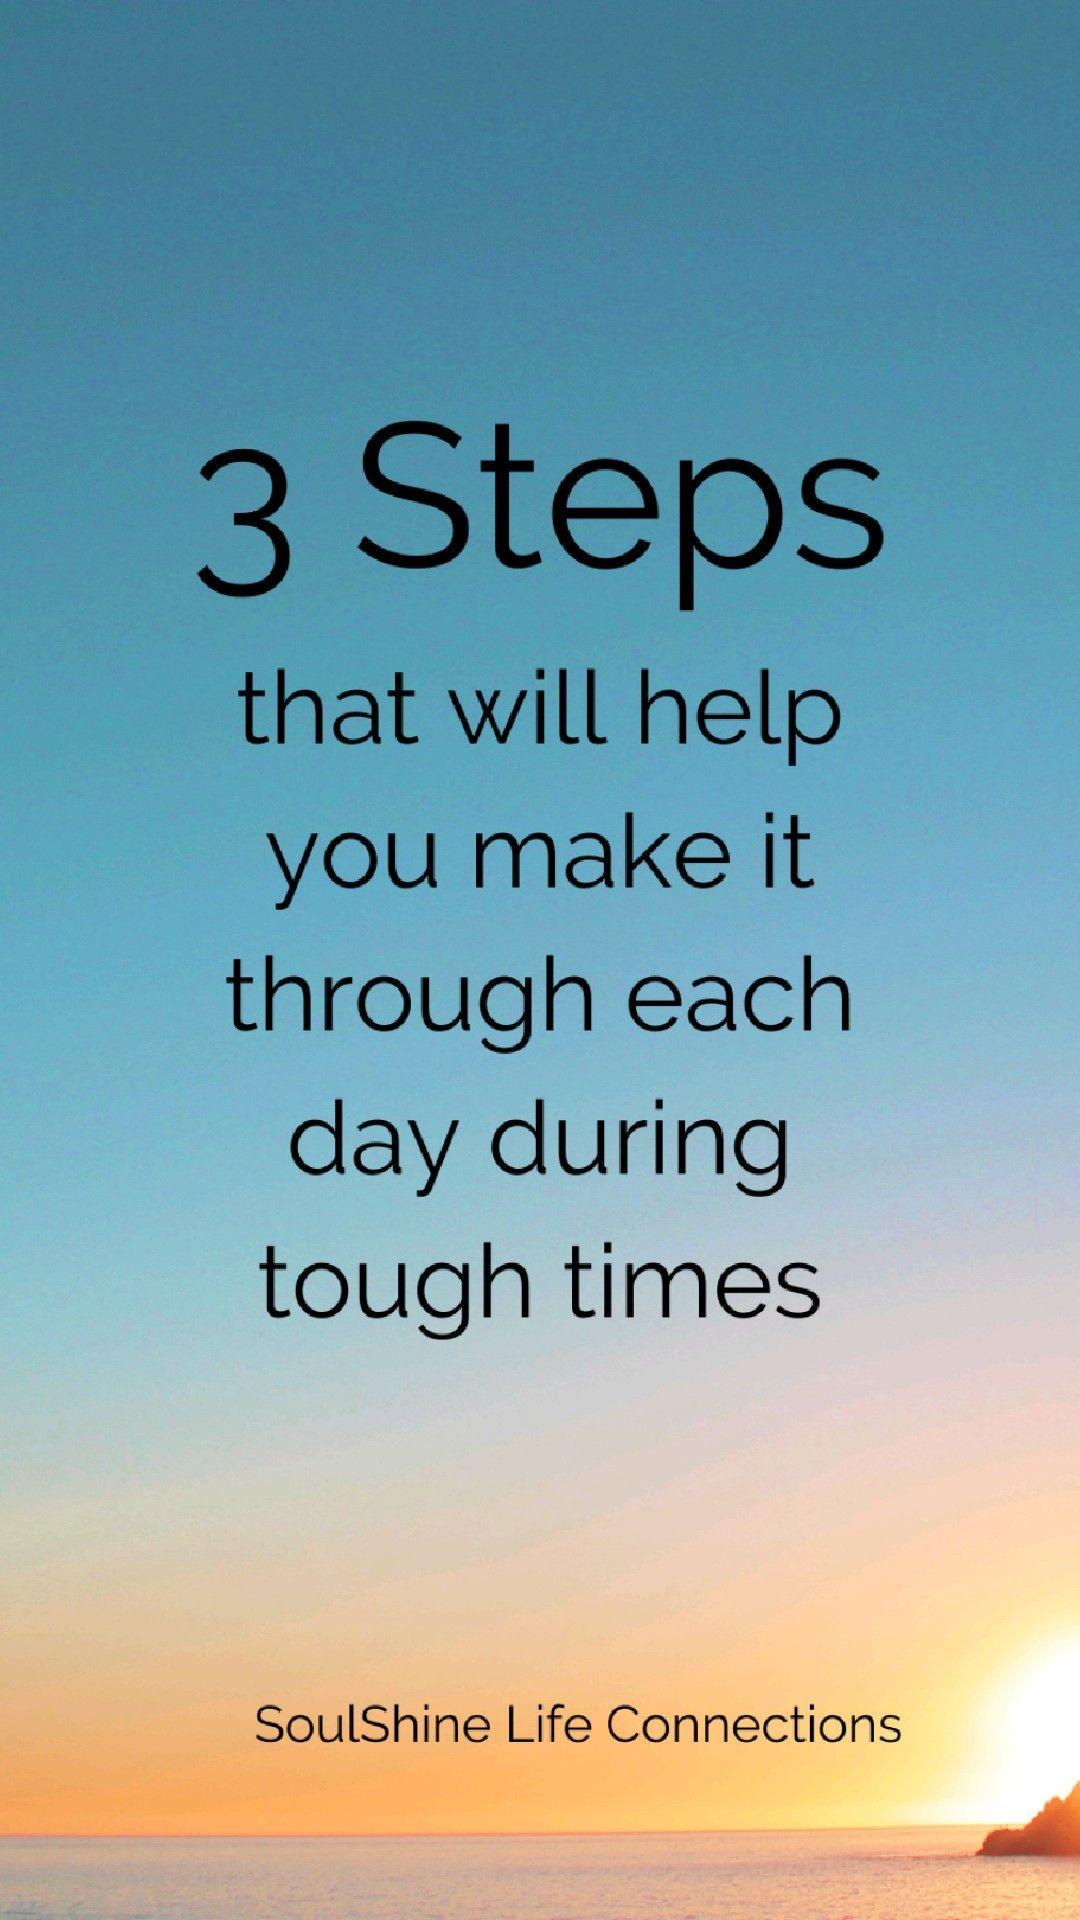 3 Steps to Get Through the Tough Days